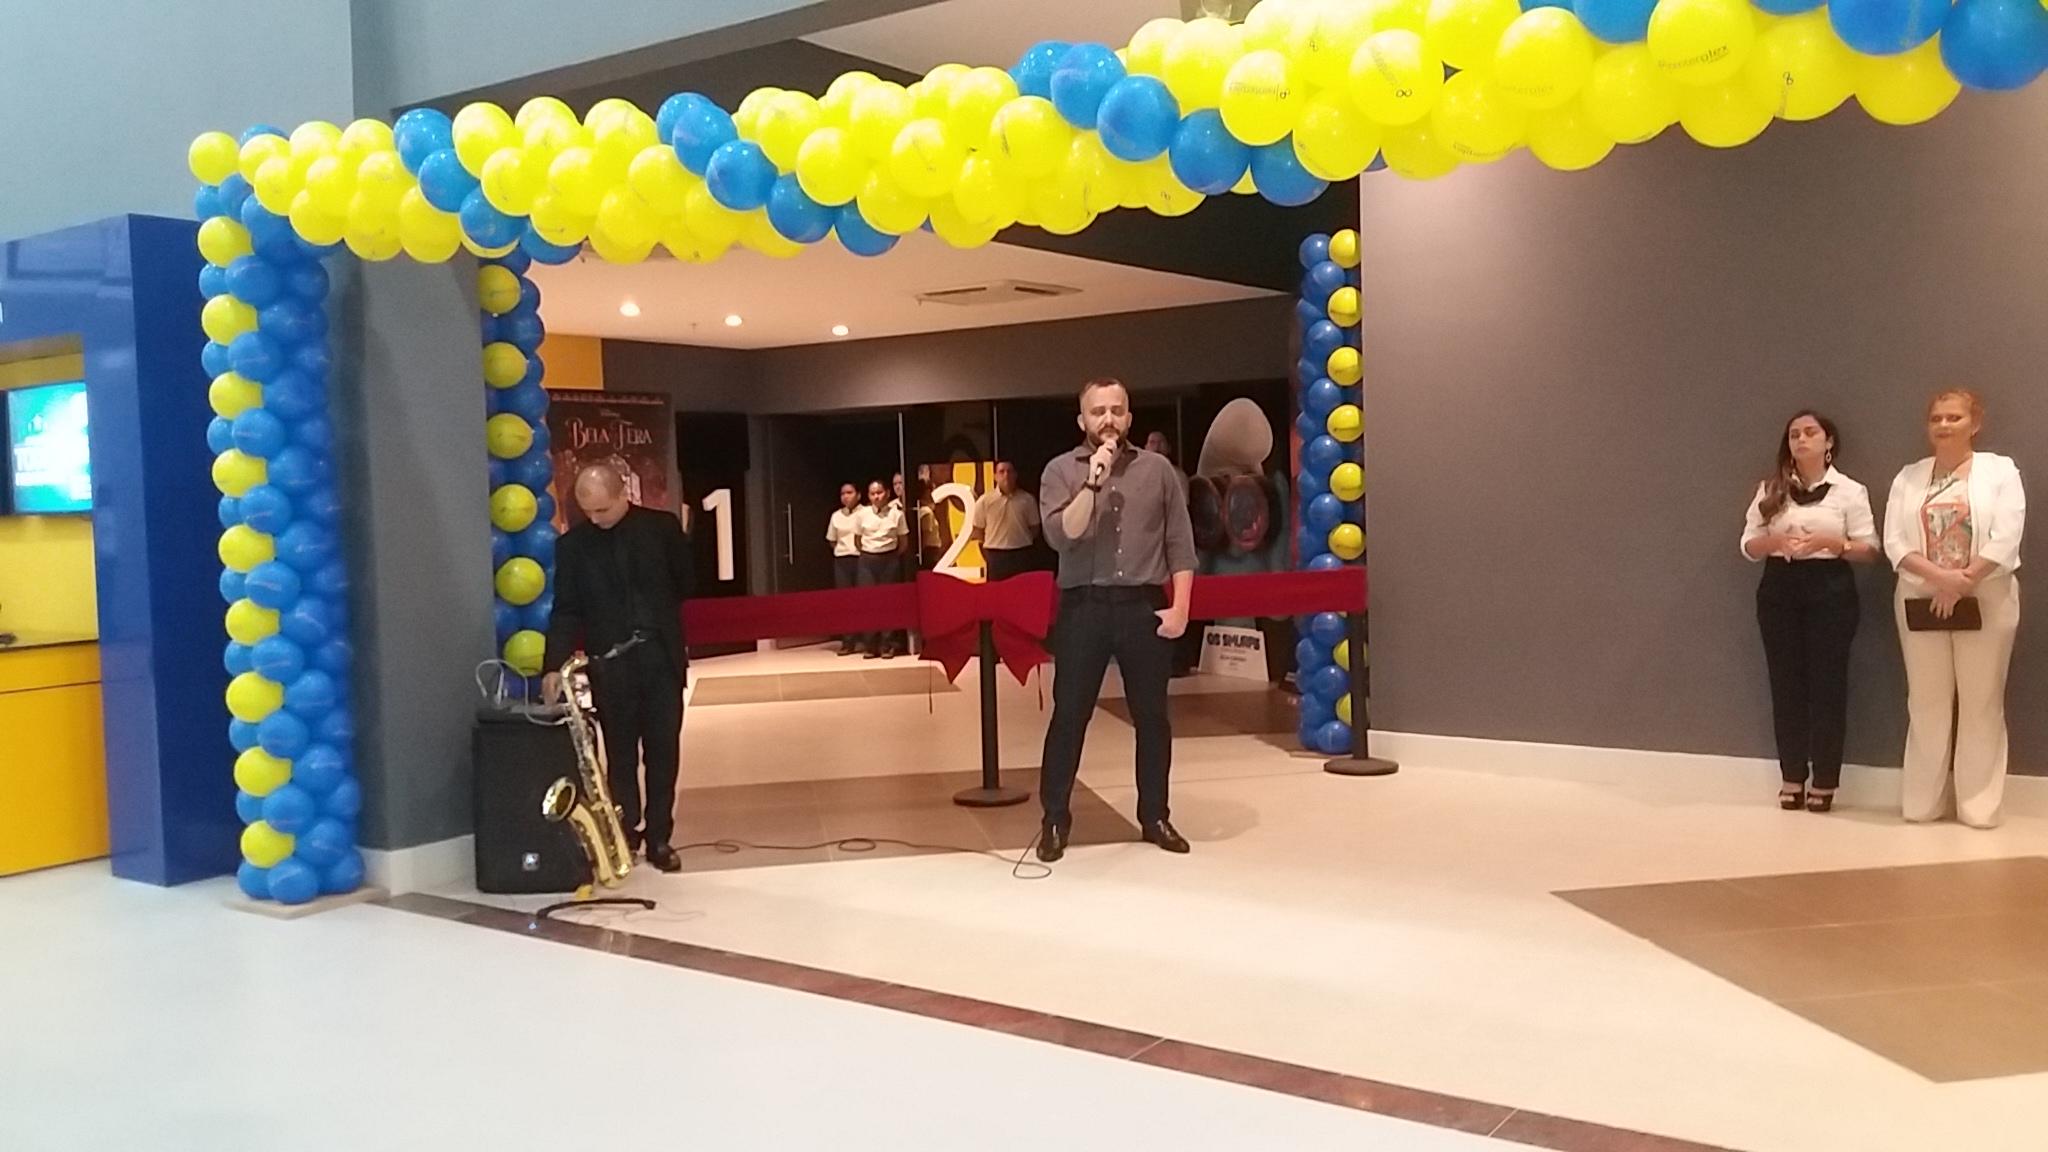 Coquetel de inauguração do Centerplex Cinemas em Maranguape-CE. Foto Dadynha Saturnino (47)